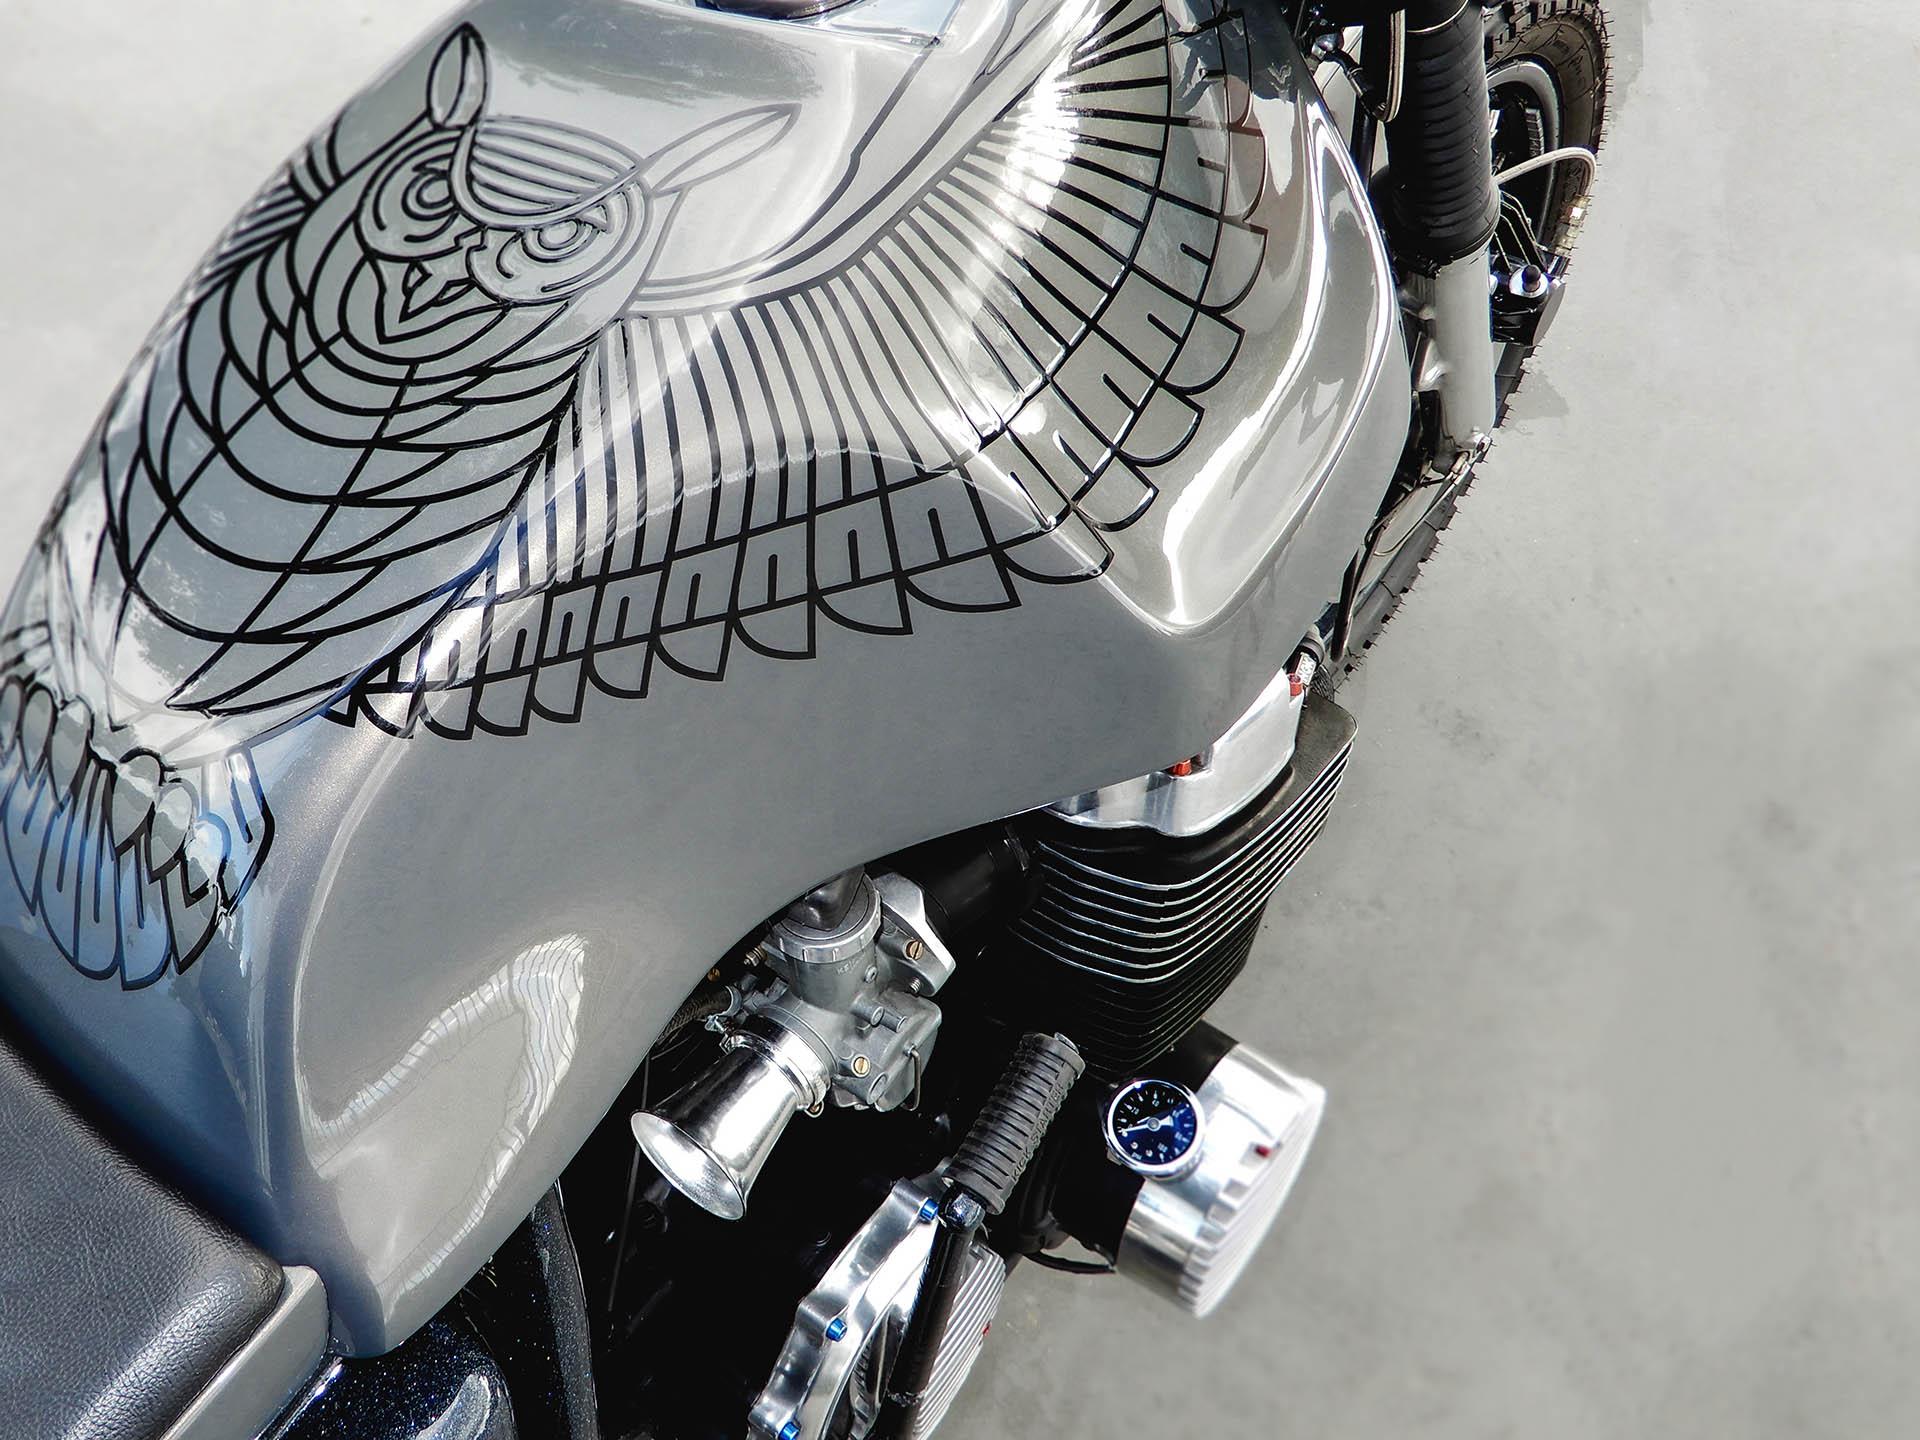 Honda CB 750 Night Owl